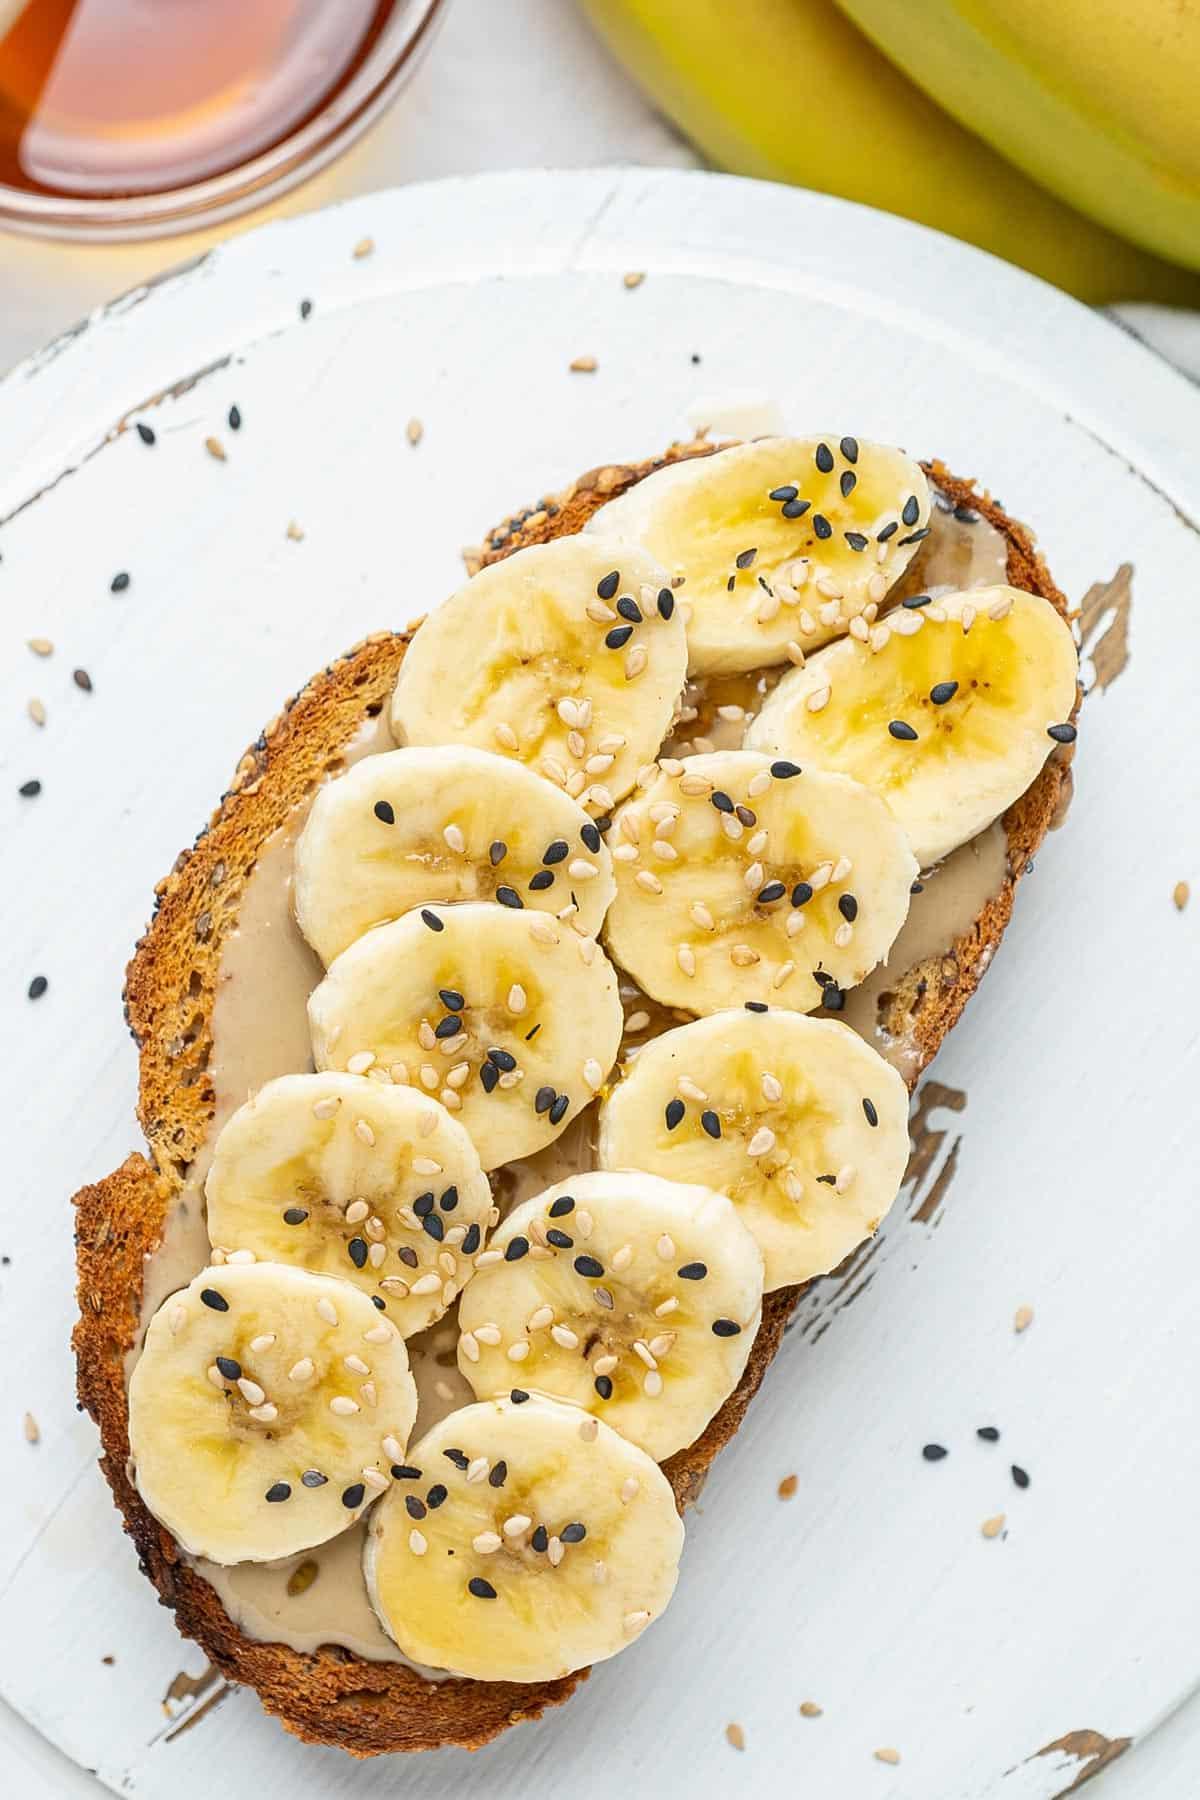 Banana tahini toast